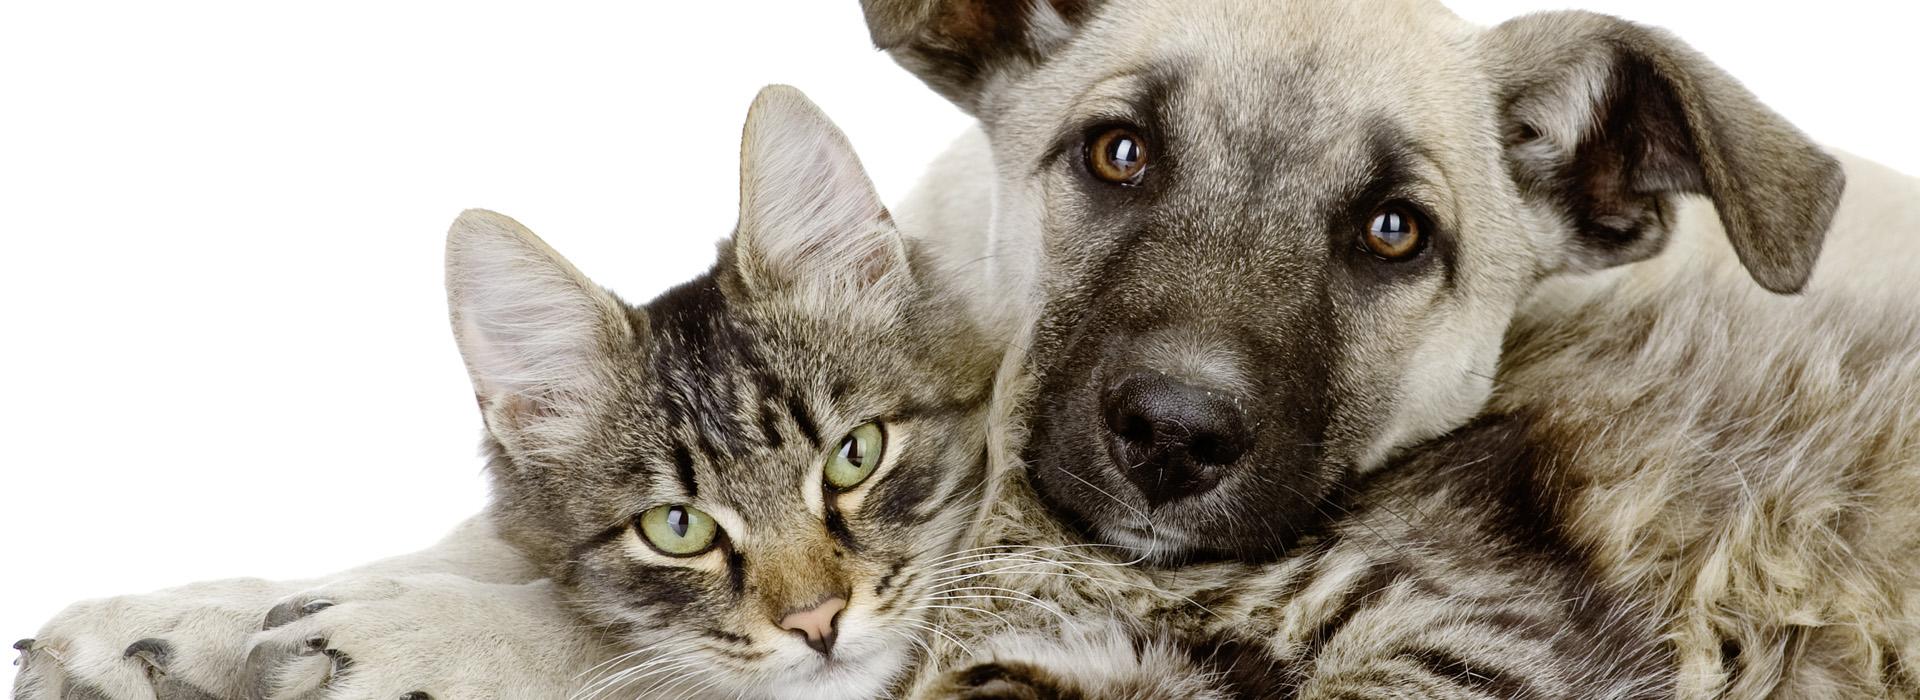 Liebe Tierfreunde,